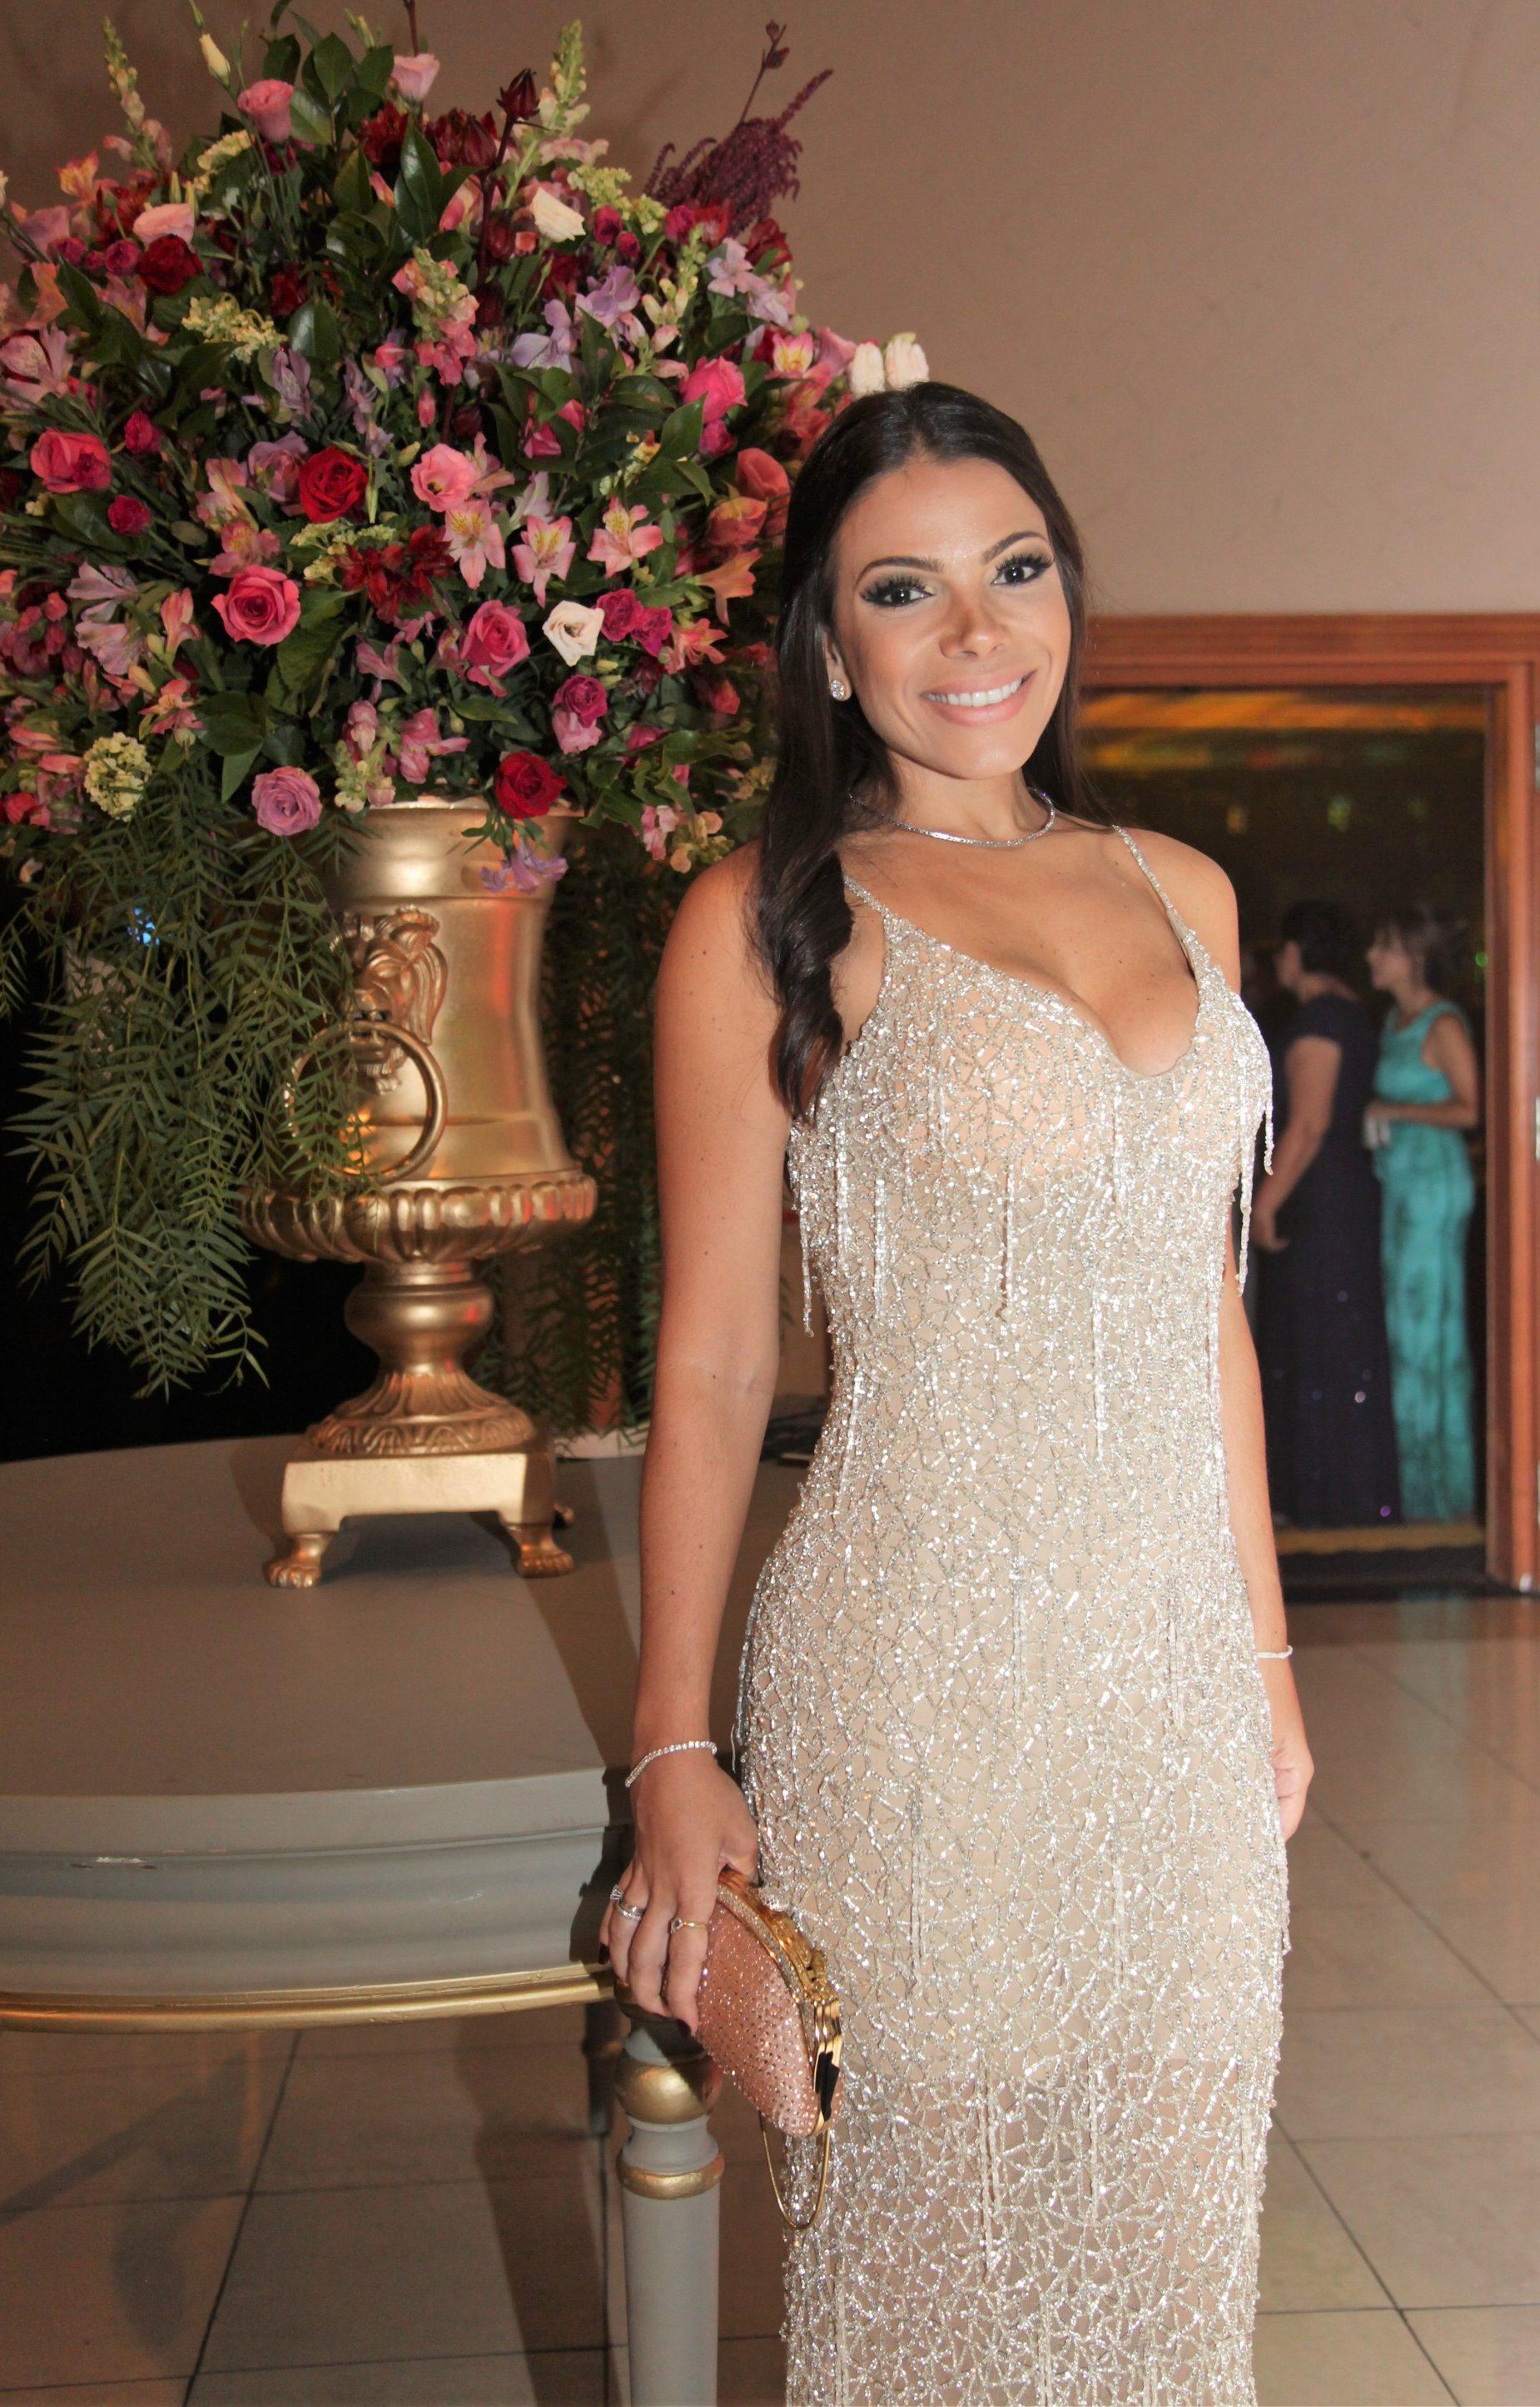 www.juicysantos.com.br - cristiane zamari no baile da cidade de santos